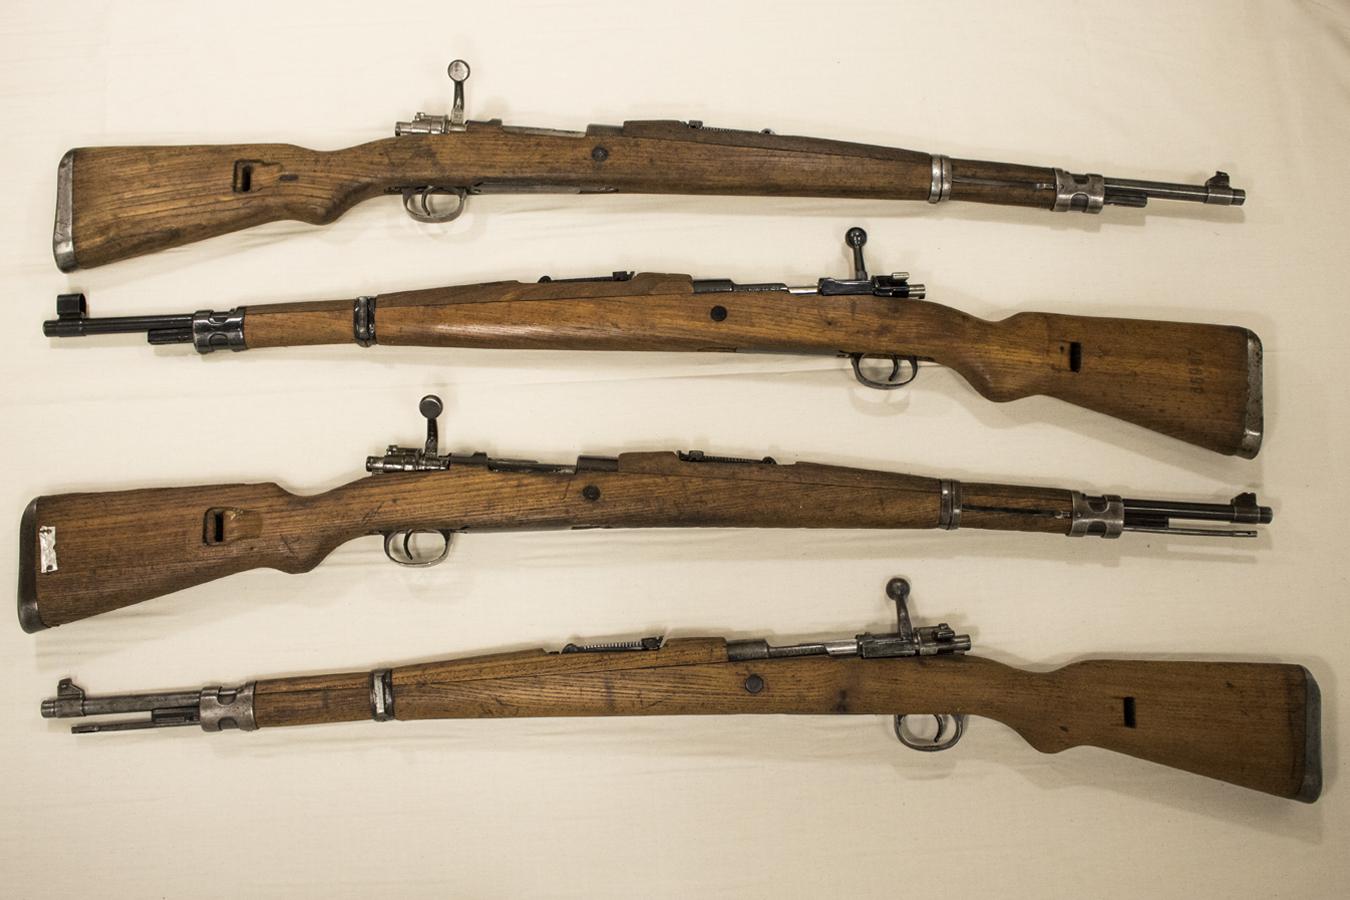 Yugo M48 7 9x57mm Mauser Rifle (Fair Condition)